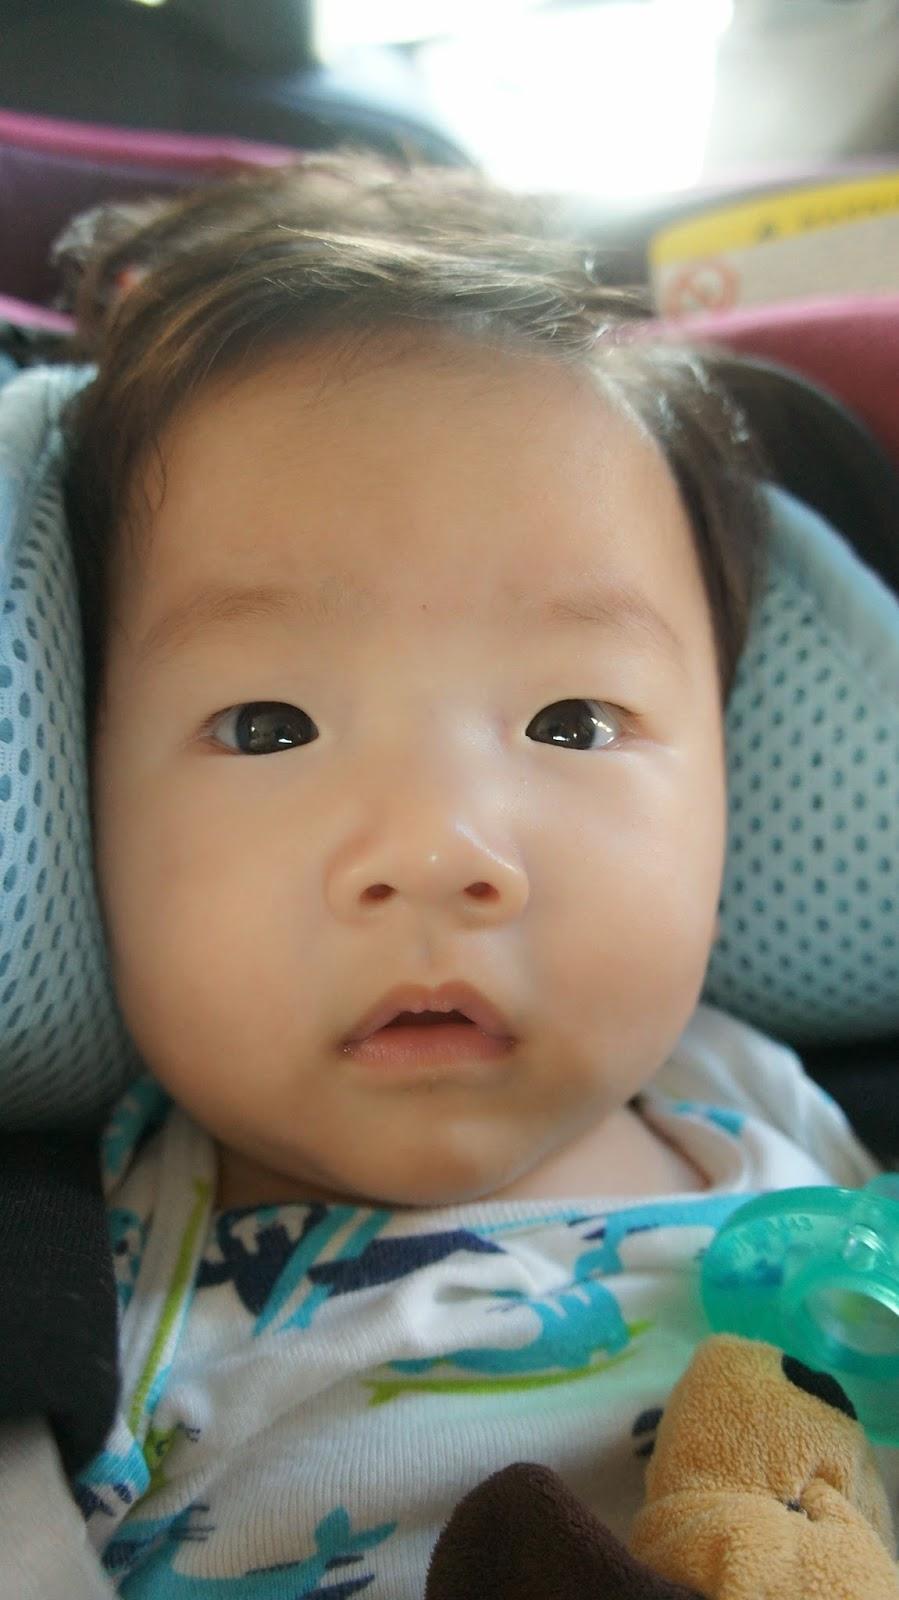 TORO哥 + TOMO弟的男雙寶遊樂園: ★滿四個月啦!★ 雙寶剪髮初體驗,設計師好壞差很多!! 還好嬰兒頭髮長得快~